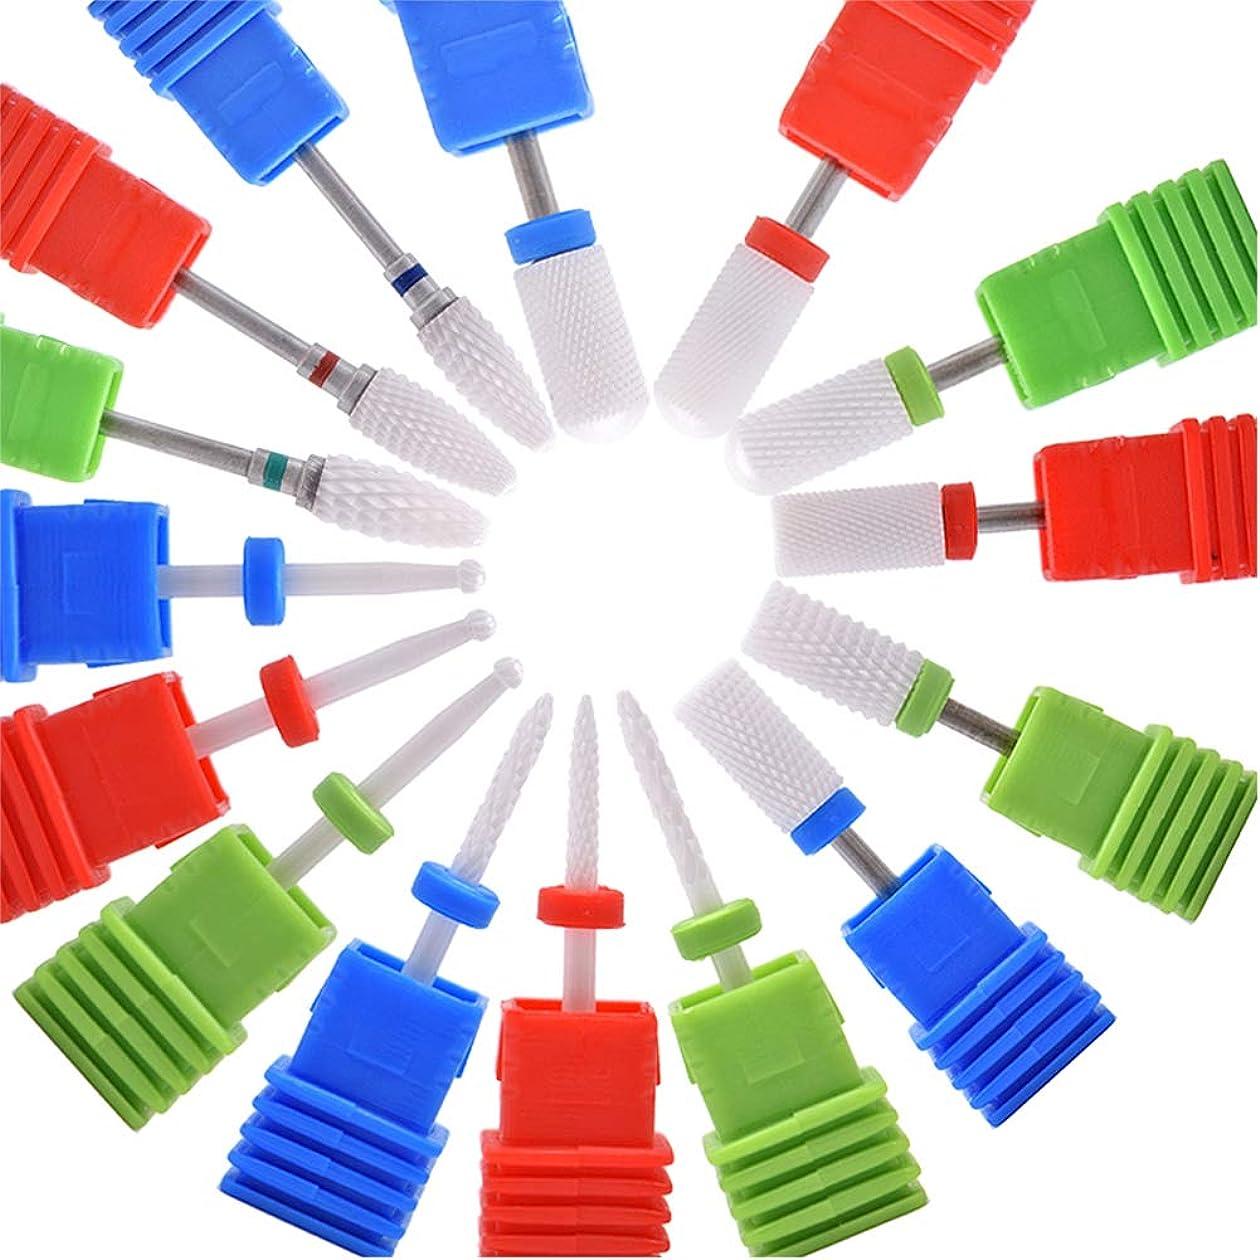 ロックホイットニー頭痛Oral Dentistry ネイルアート ドリルビット 研削ヘッド 研磨ヘッド ネイル グラインド ヘッド 爪 磨き 研磨 研削 セラミック 全3色 15種類